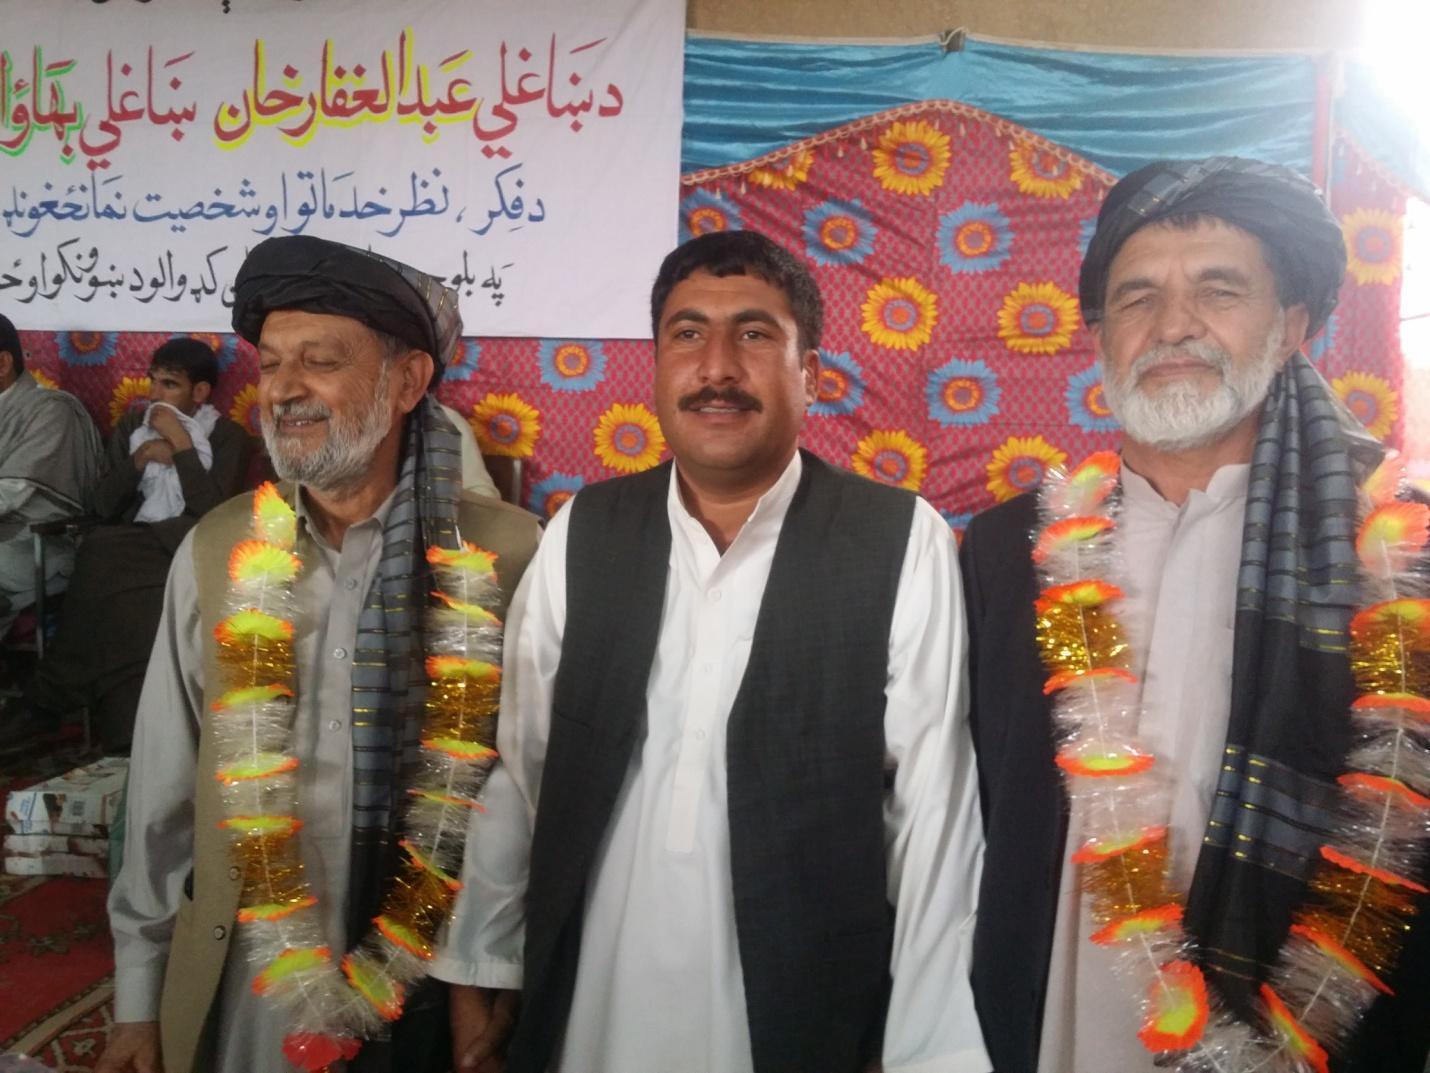 په بلوچستان کې د دروتنو افغان نومياليو لمانځغونډه وسوه